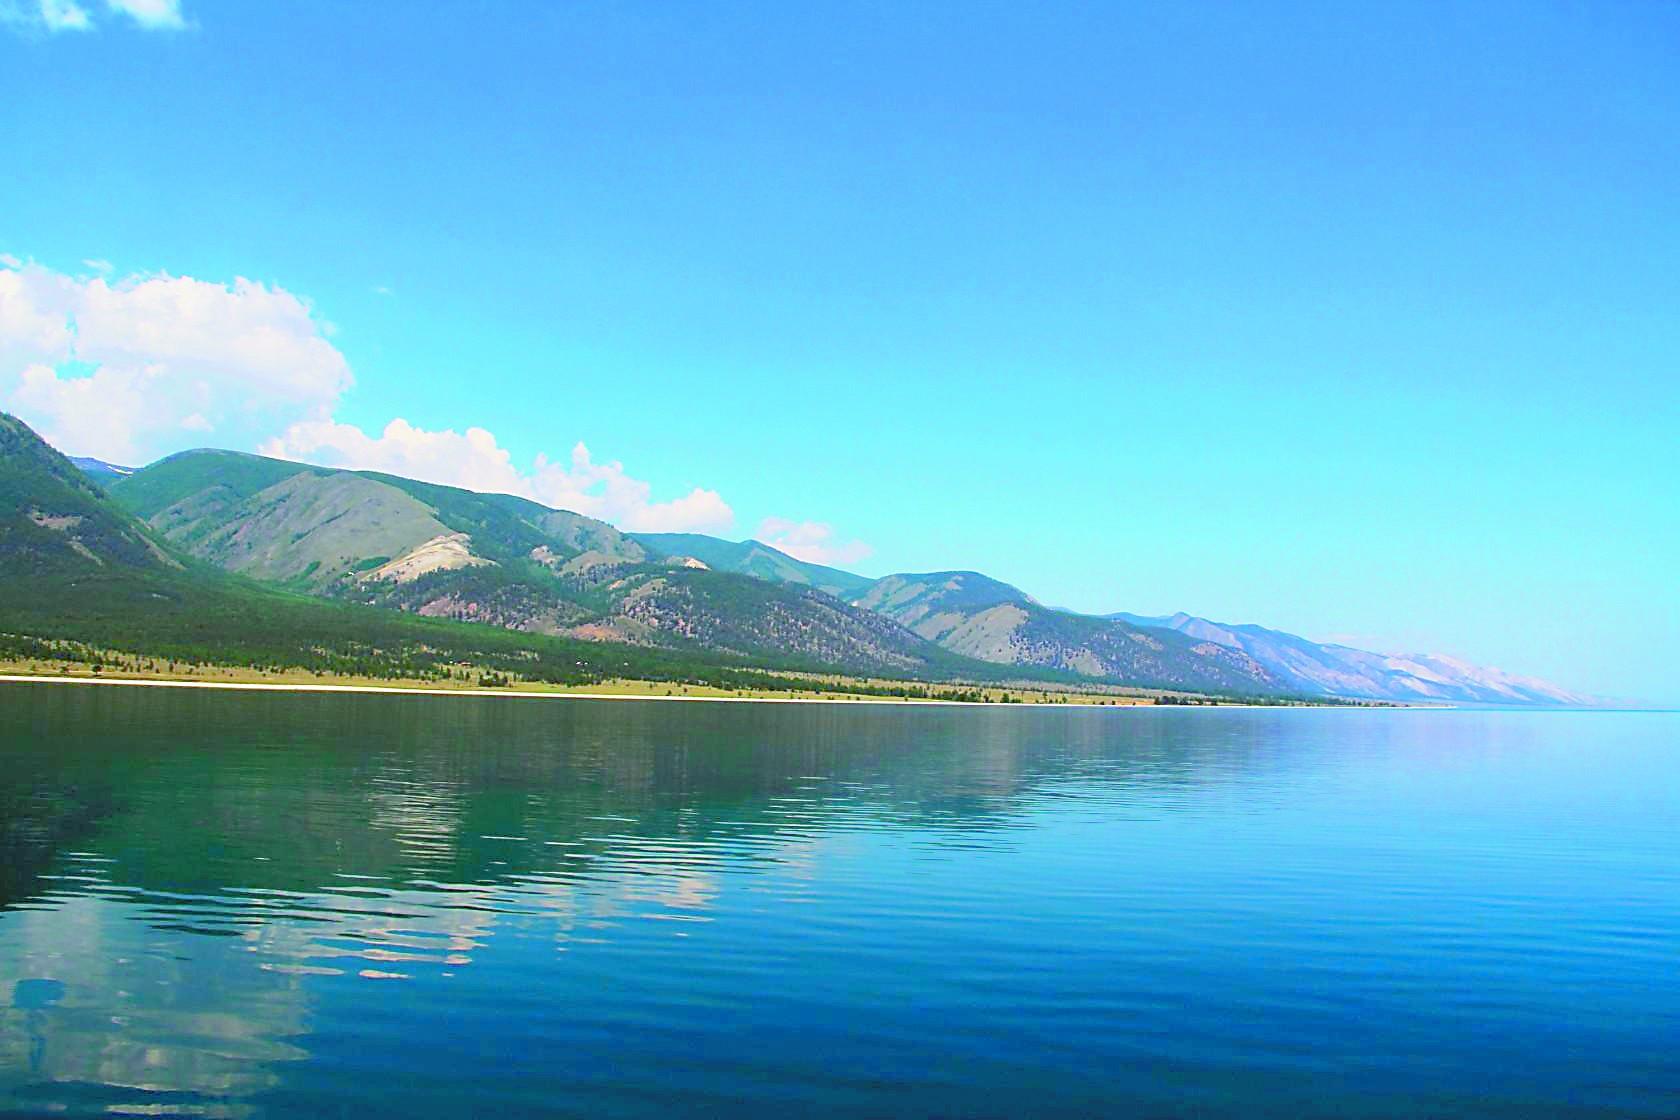 融醉贝加尔湖那片圣洁蓝